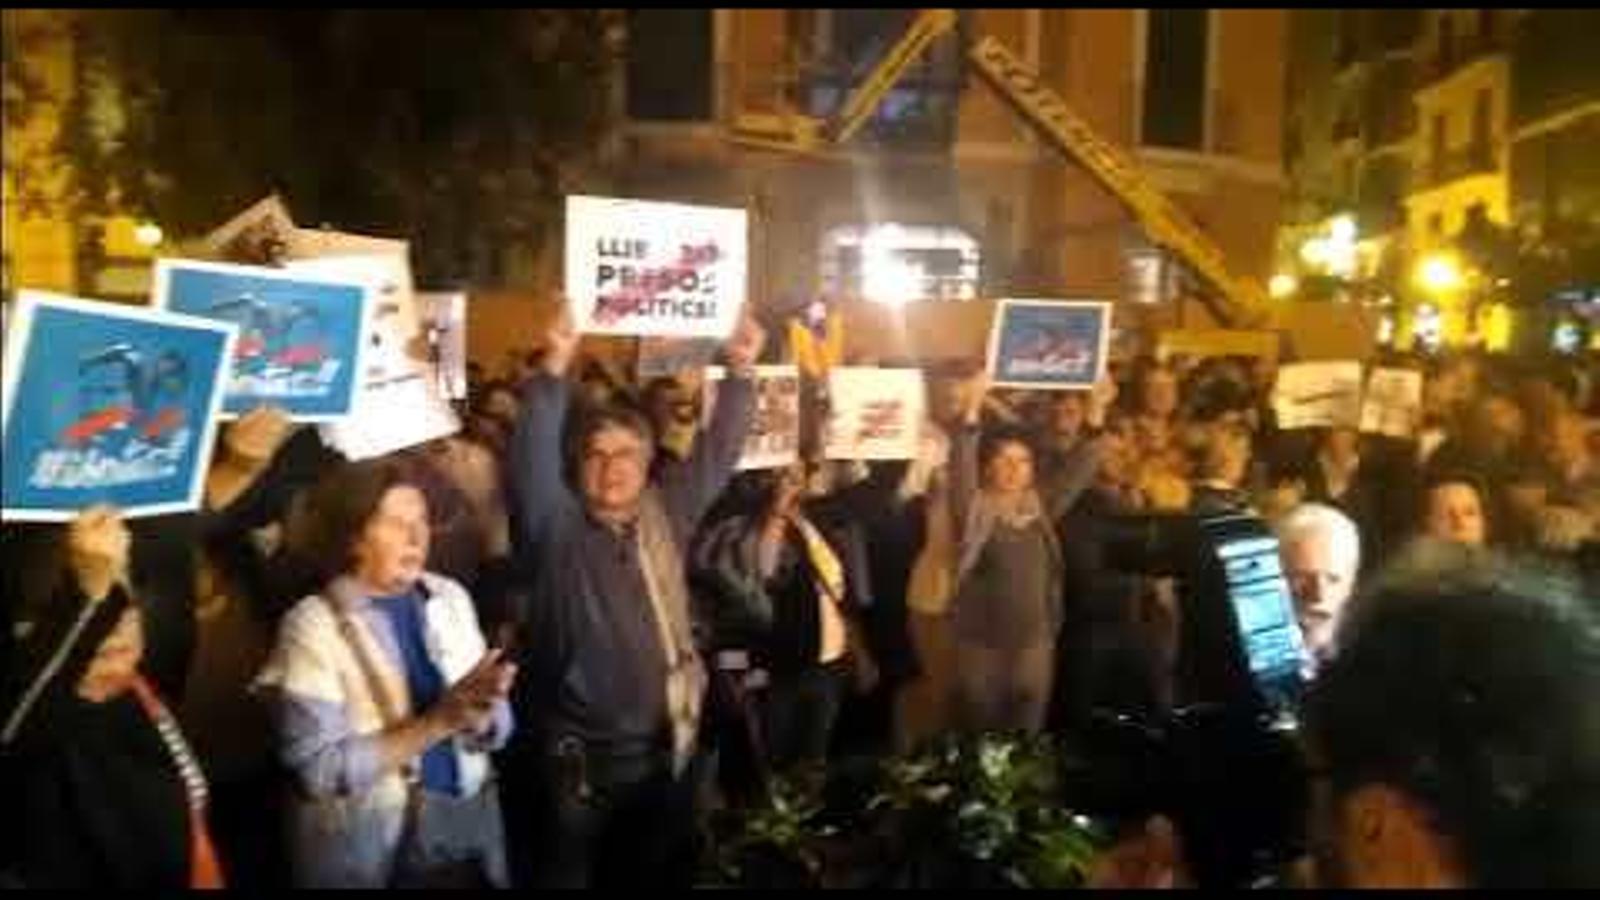 Concentració de suport als presos polítics catalans a Palma.